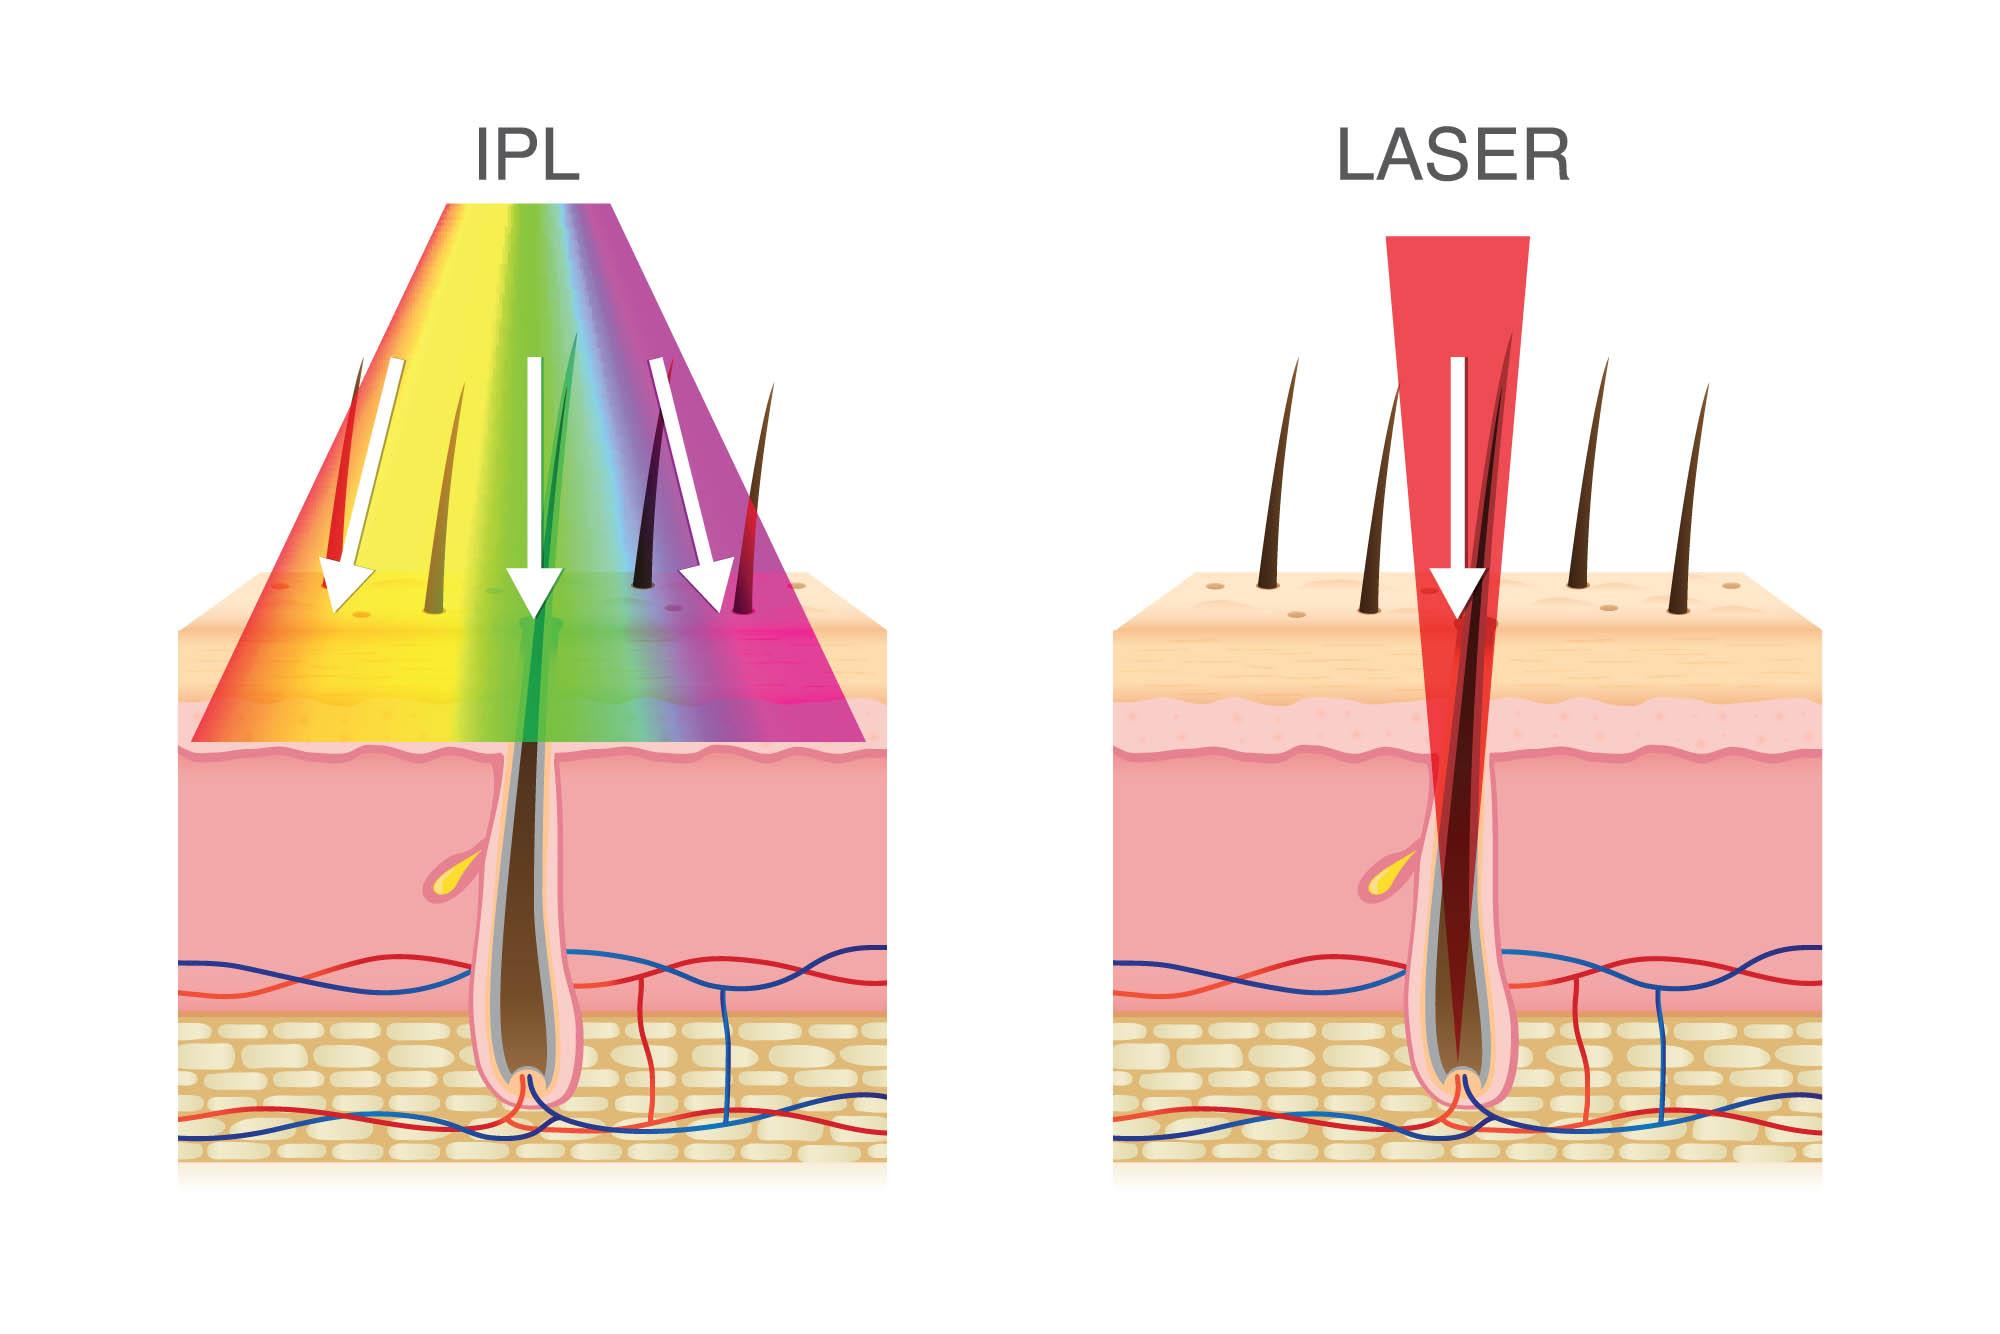 dauerhafte-harrentfernung-laser